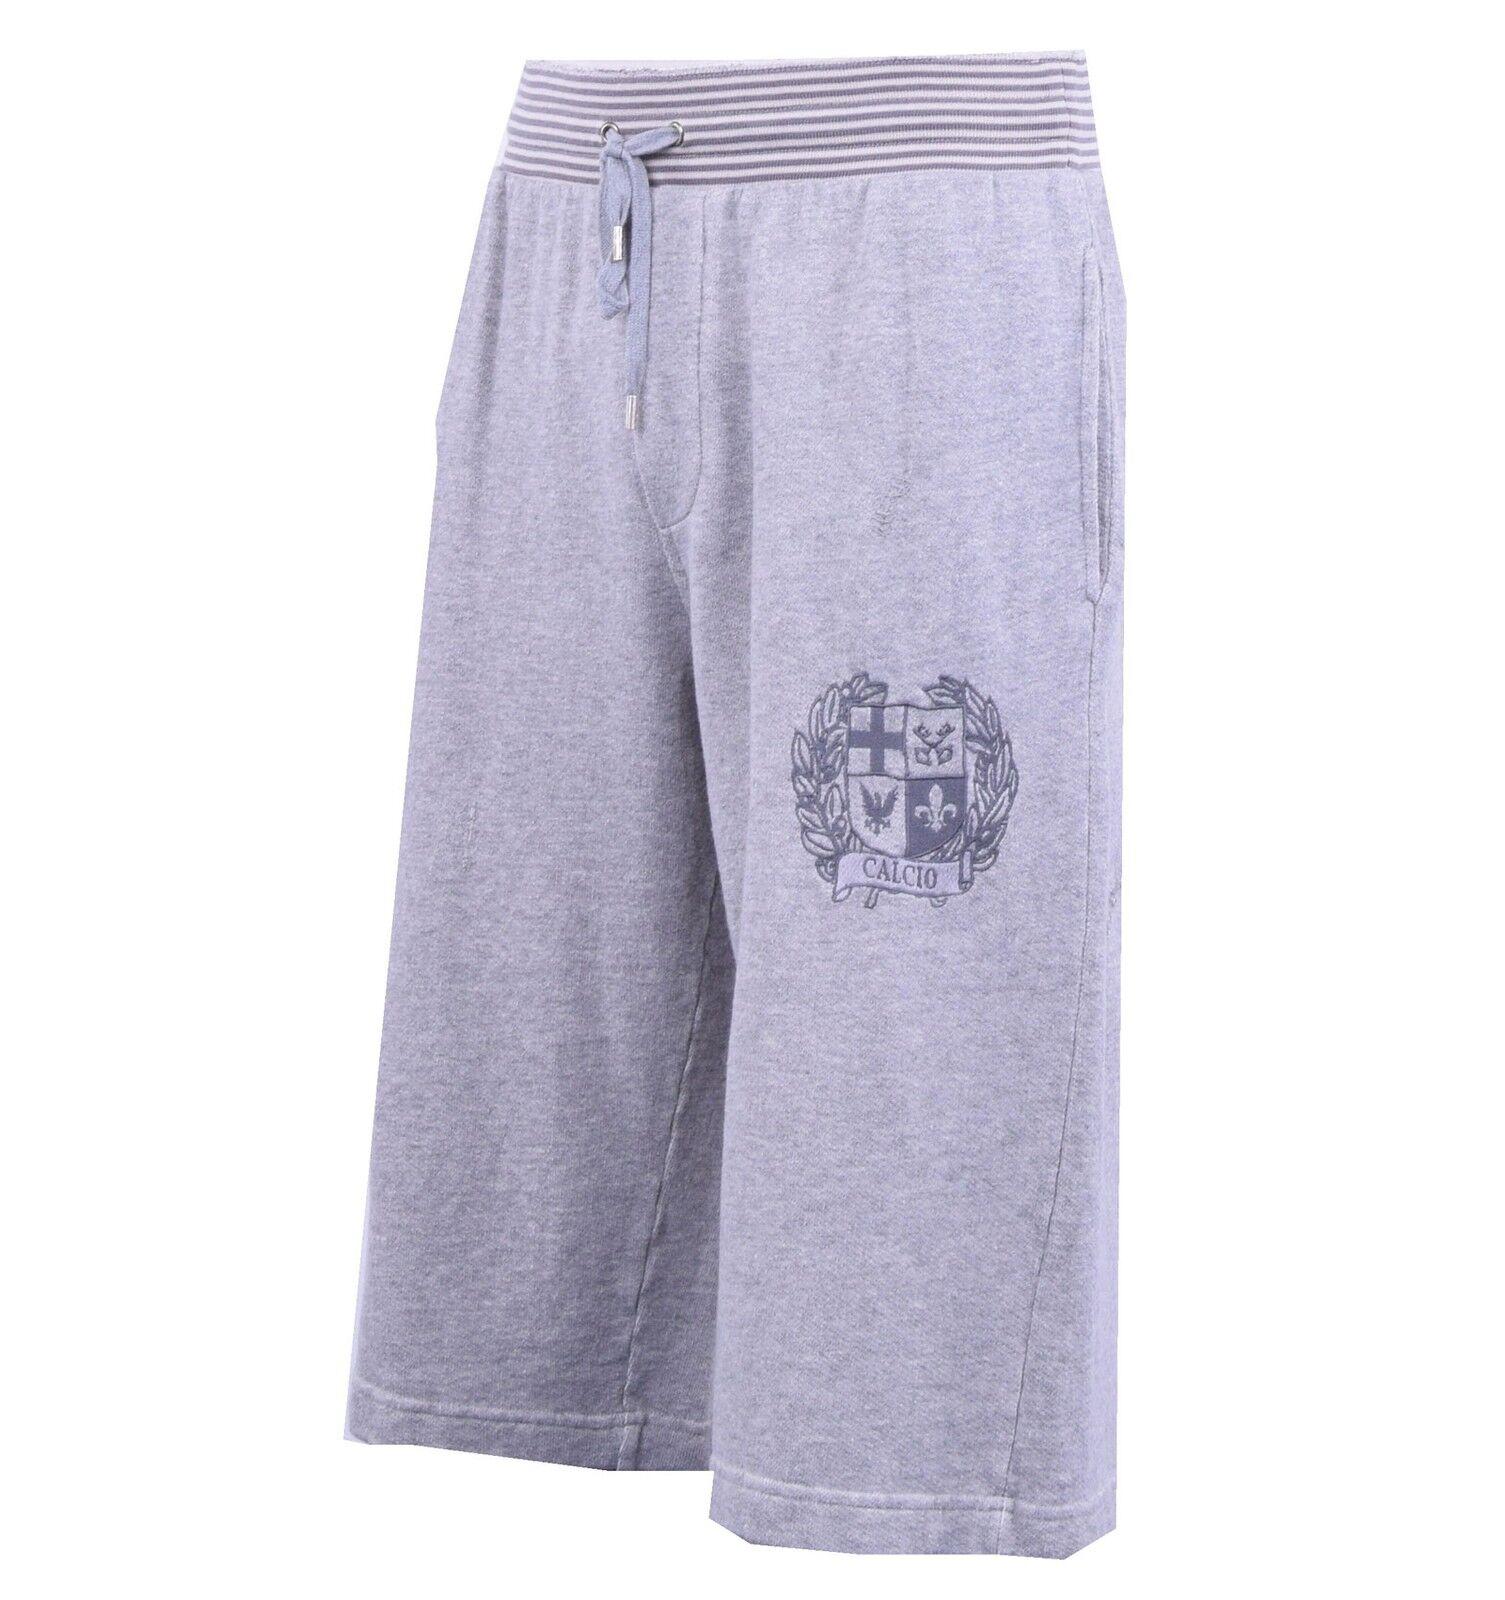 DOLCE DOLCE DOLCE & GABBANA Fitness Sport Shorts CALCIO Grau Gym Shorts grau 04126 6dd47d